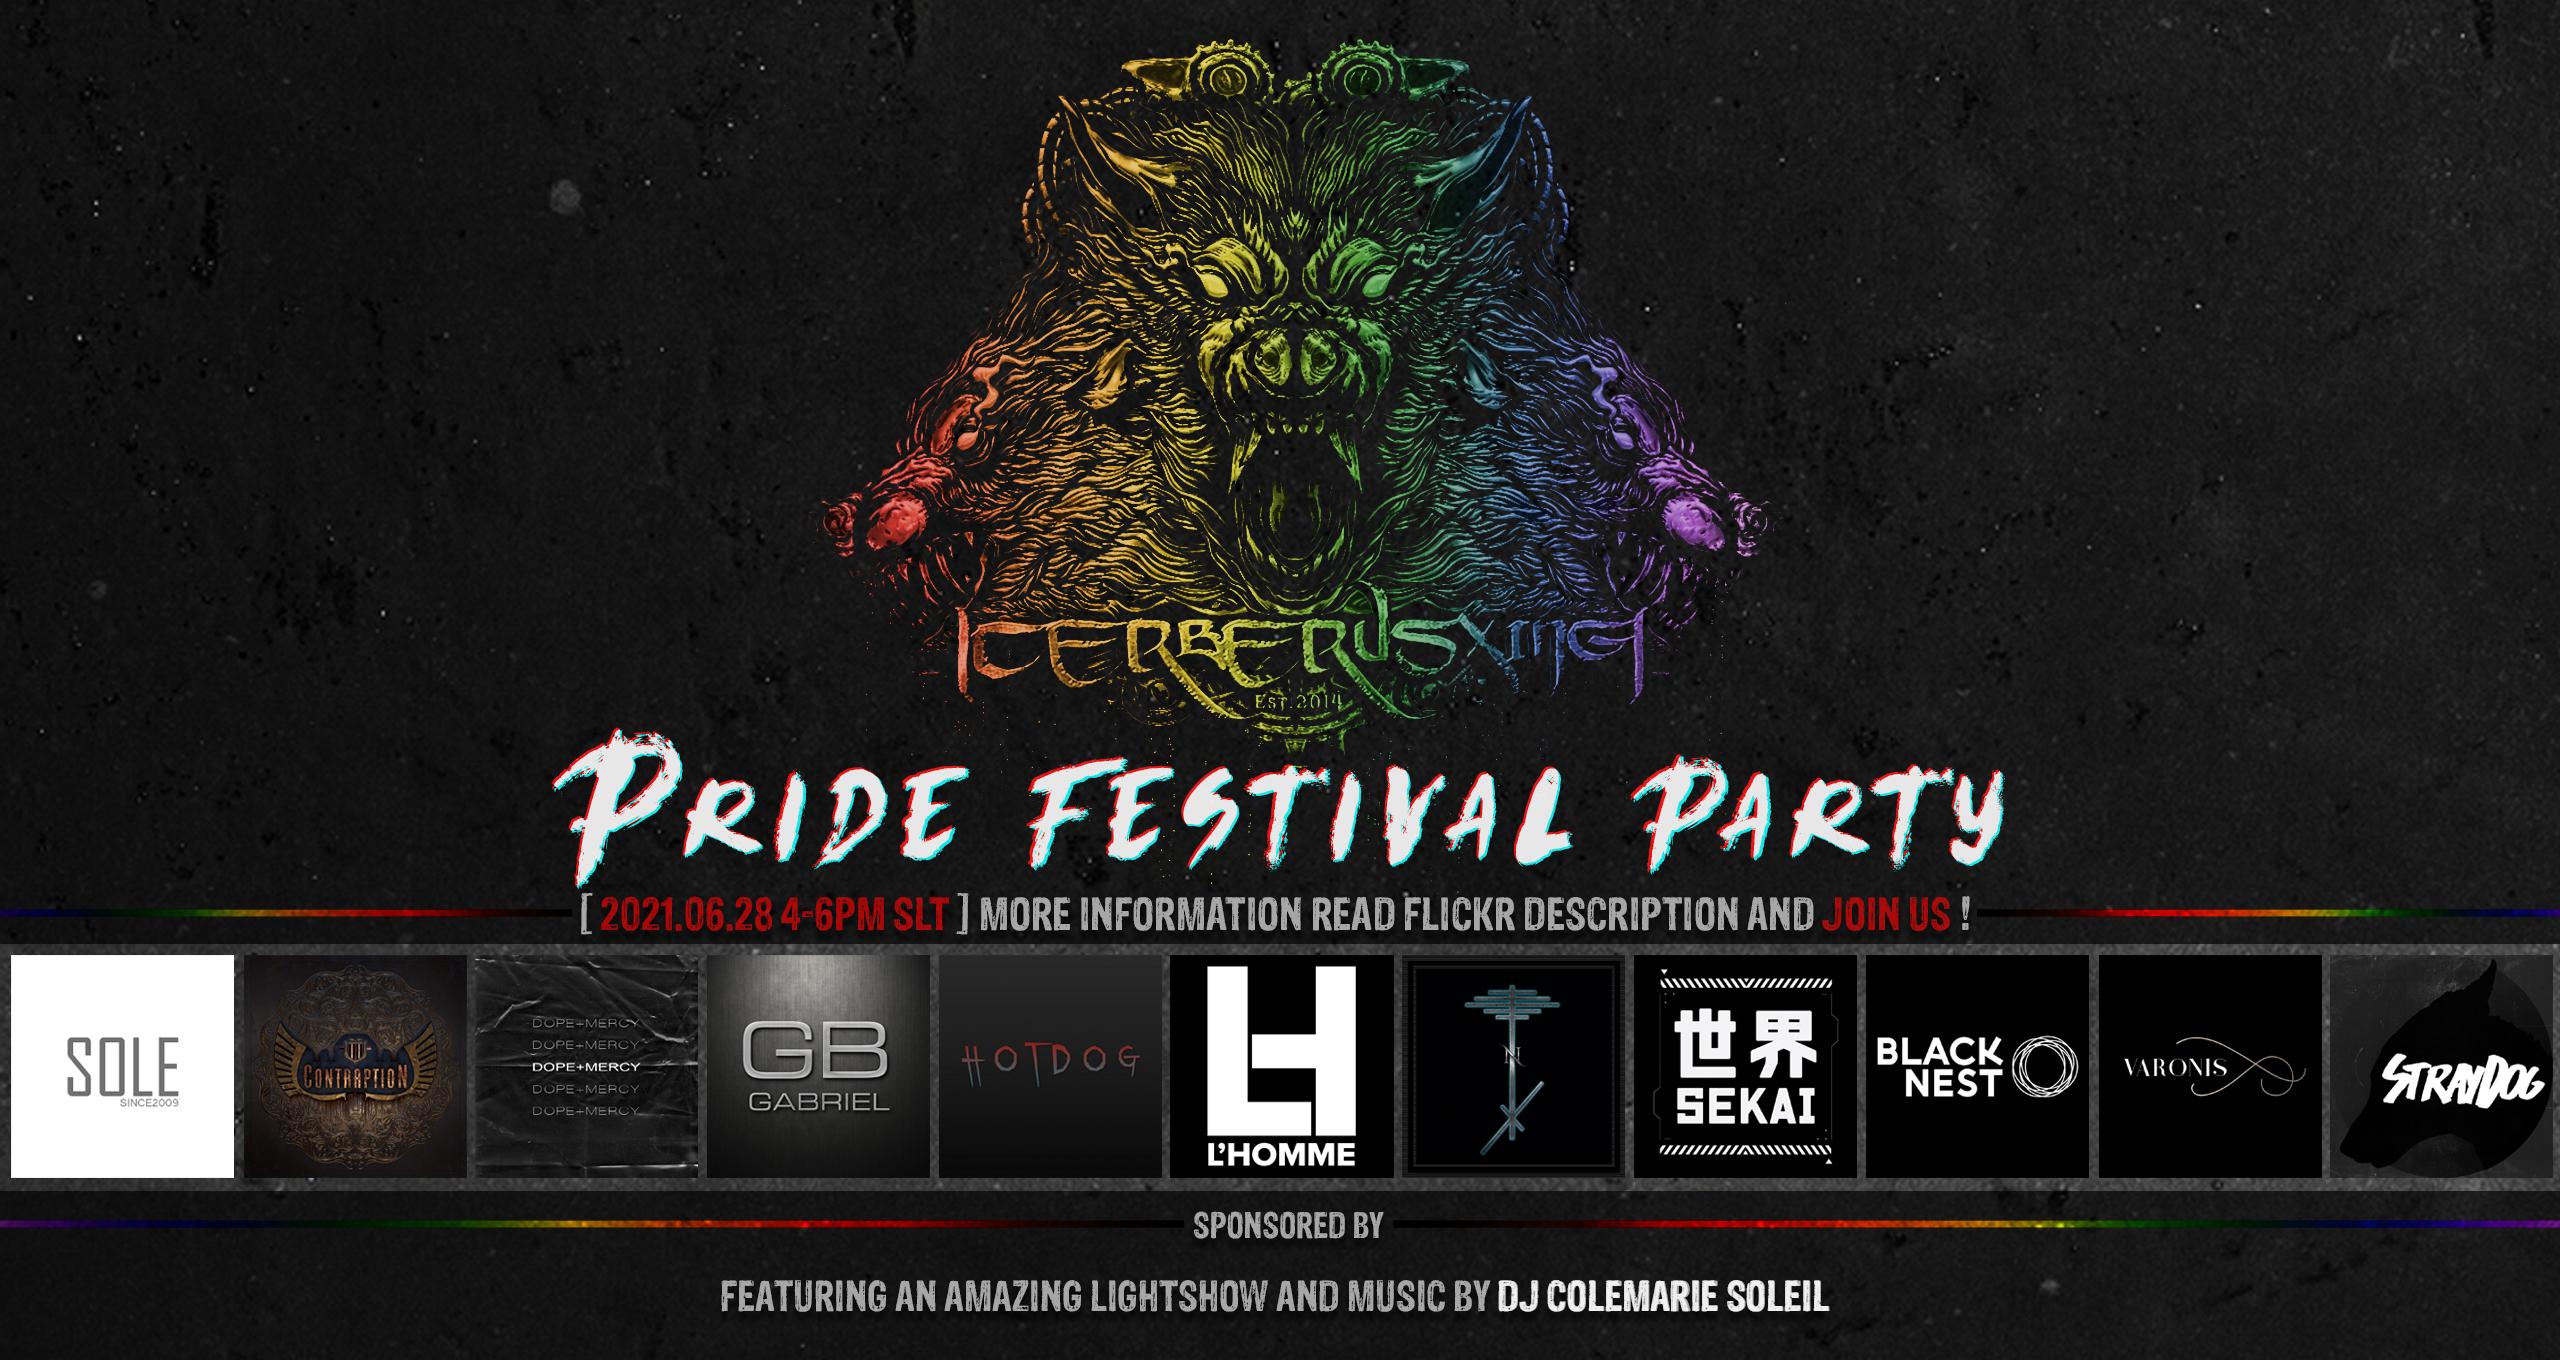 GABRIEL @ CerberusXing – Pride Festival 2021